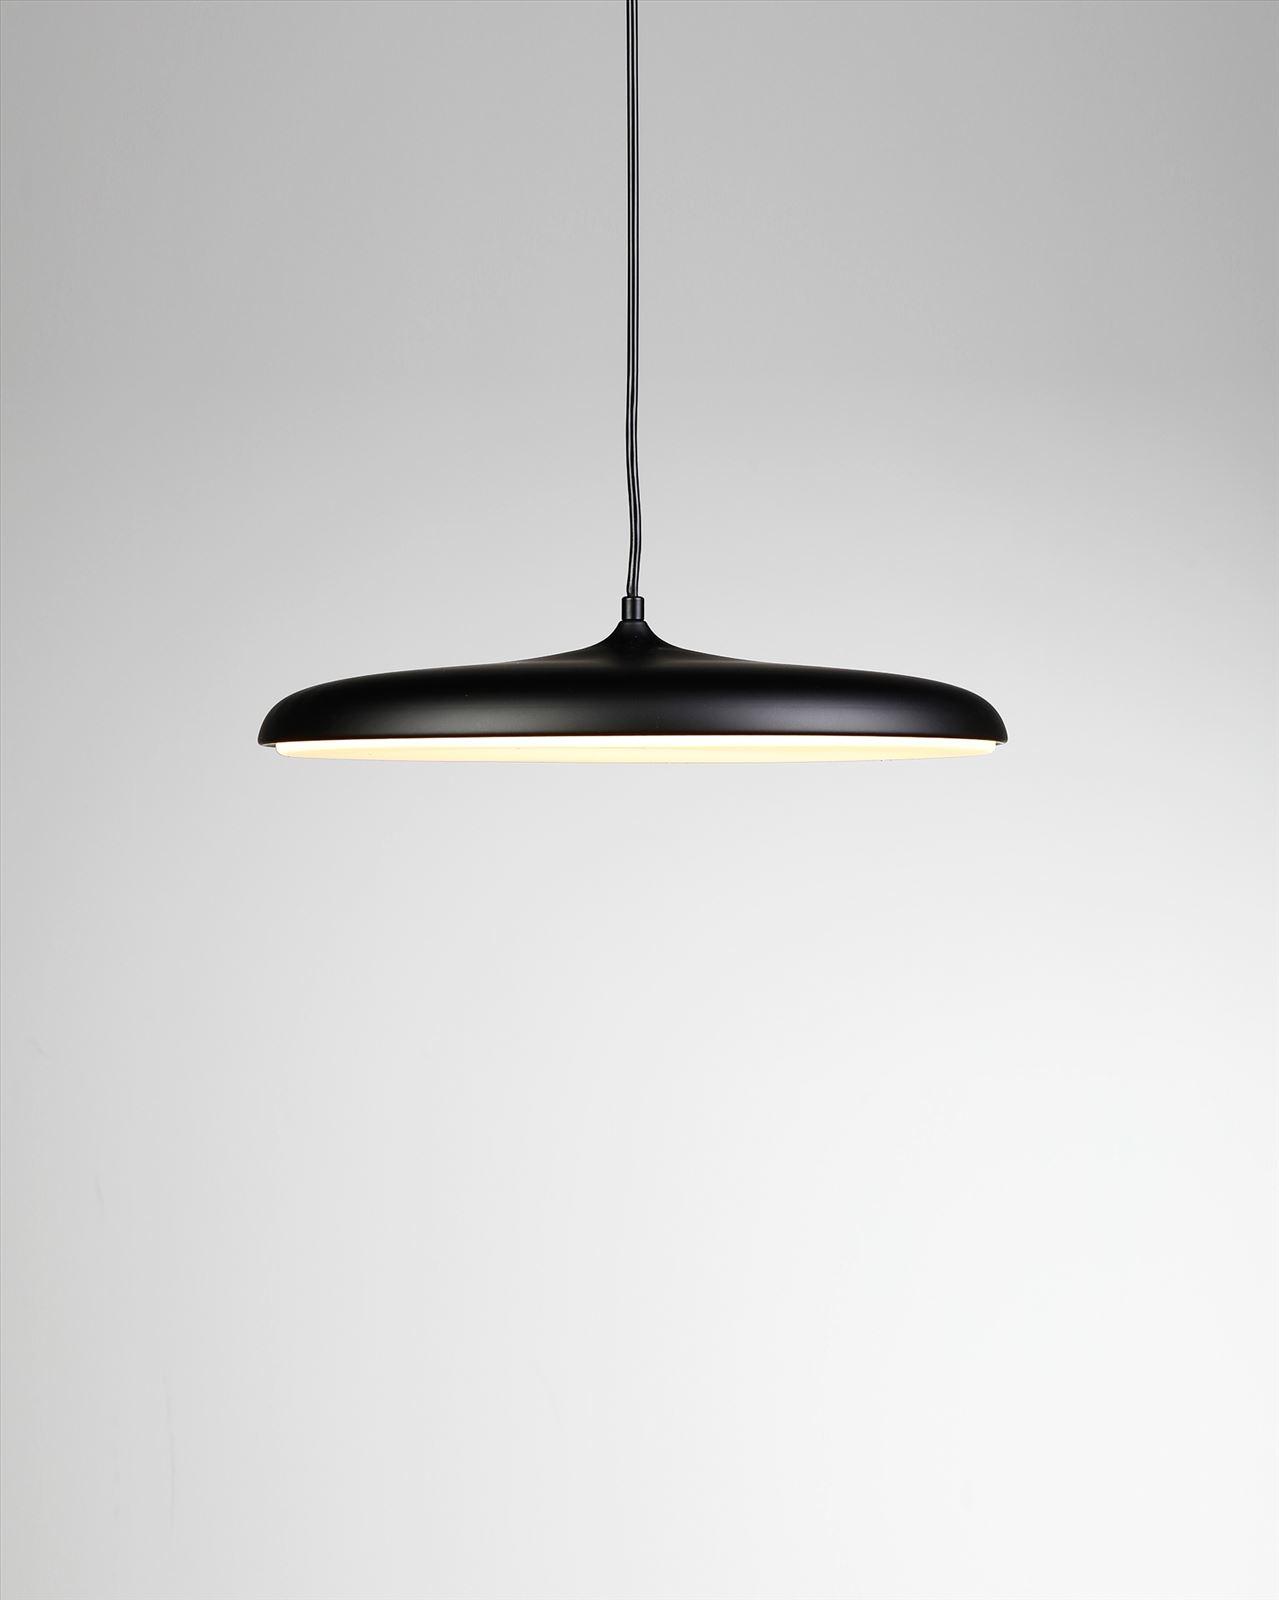 גופי תאורה בקטגוריית: מנורות תלויות ,שם המוצר: shavit 390